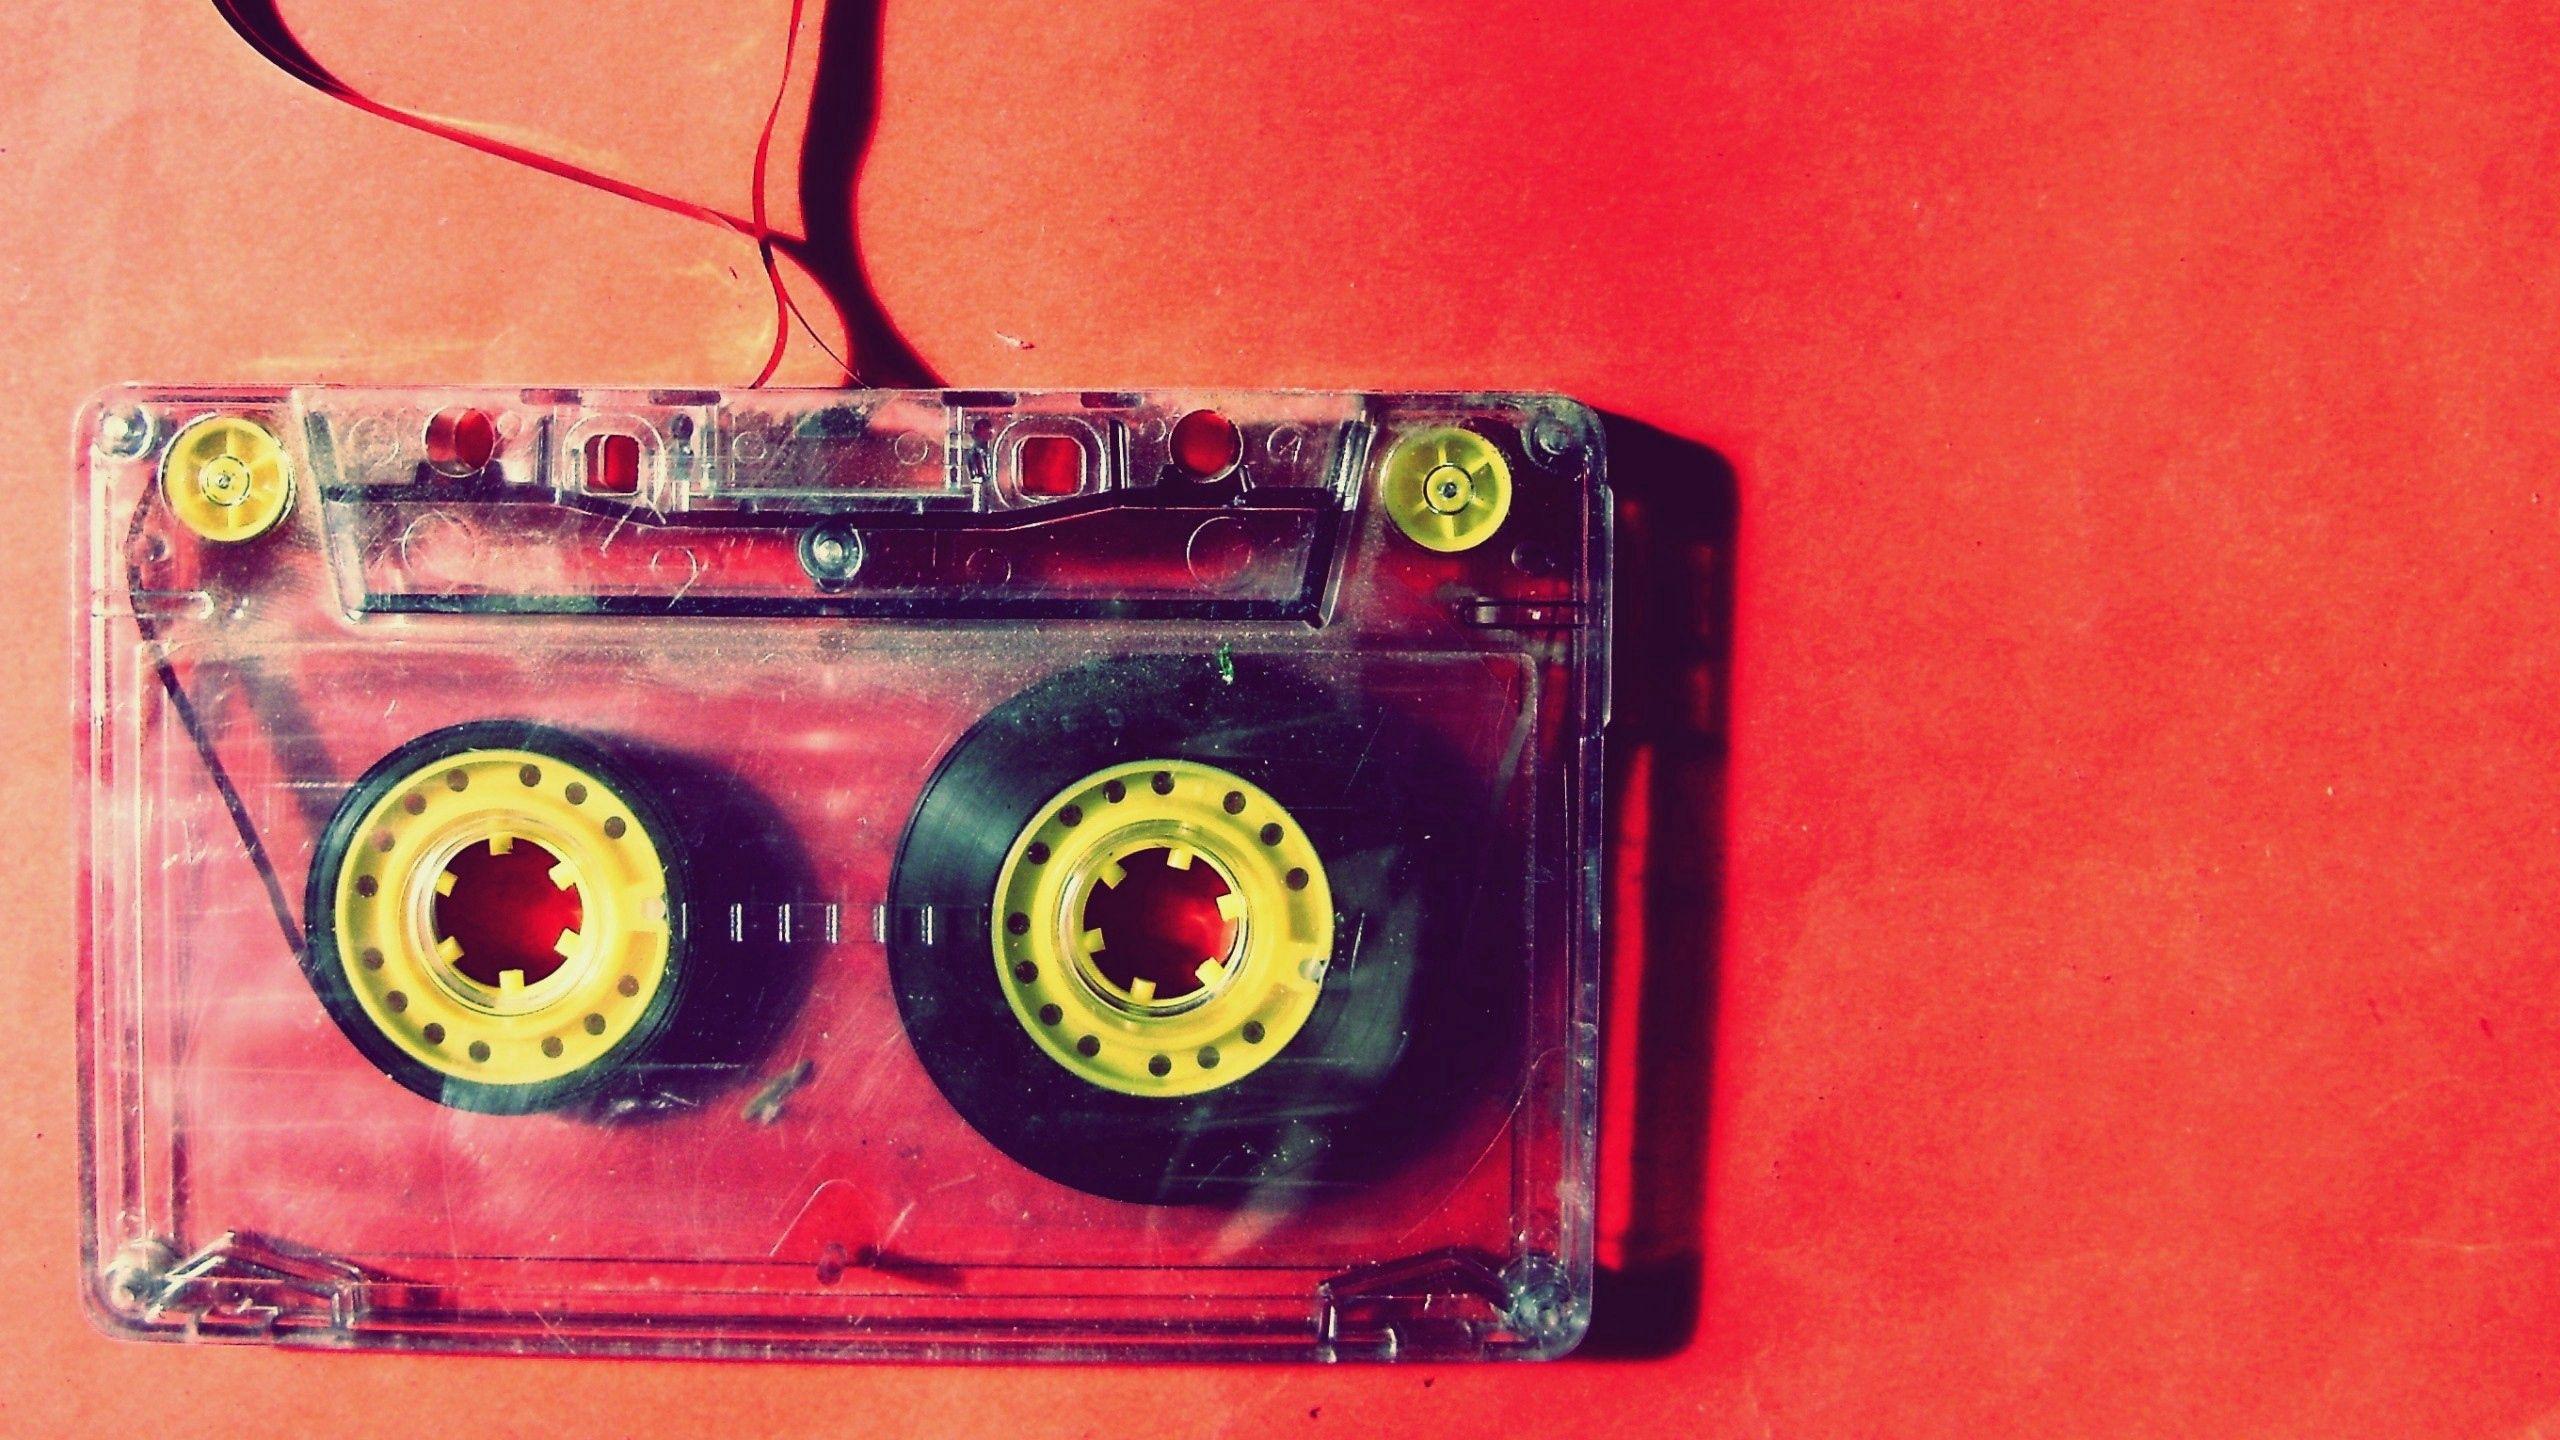 86629 Protetores de tela e papéis de parede Música em seu telefone. Baixe Miscelânea, Variado, Cassete, Velho, Antigo, Filme, Música fotos gratuitamente